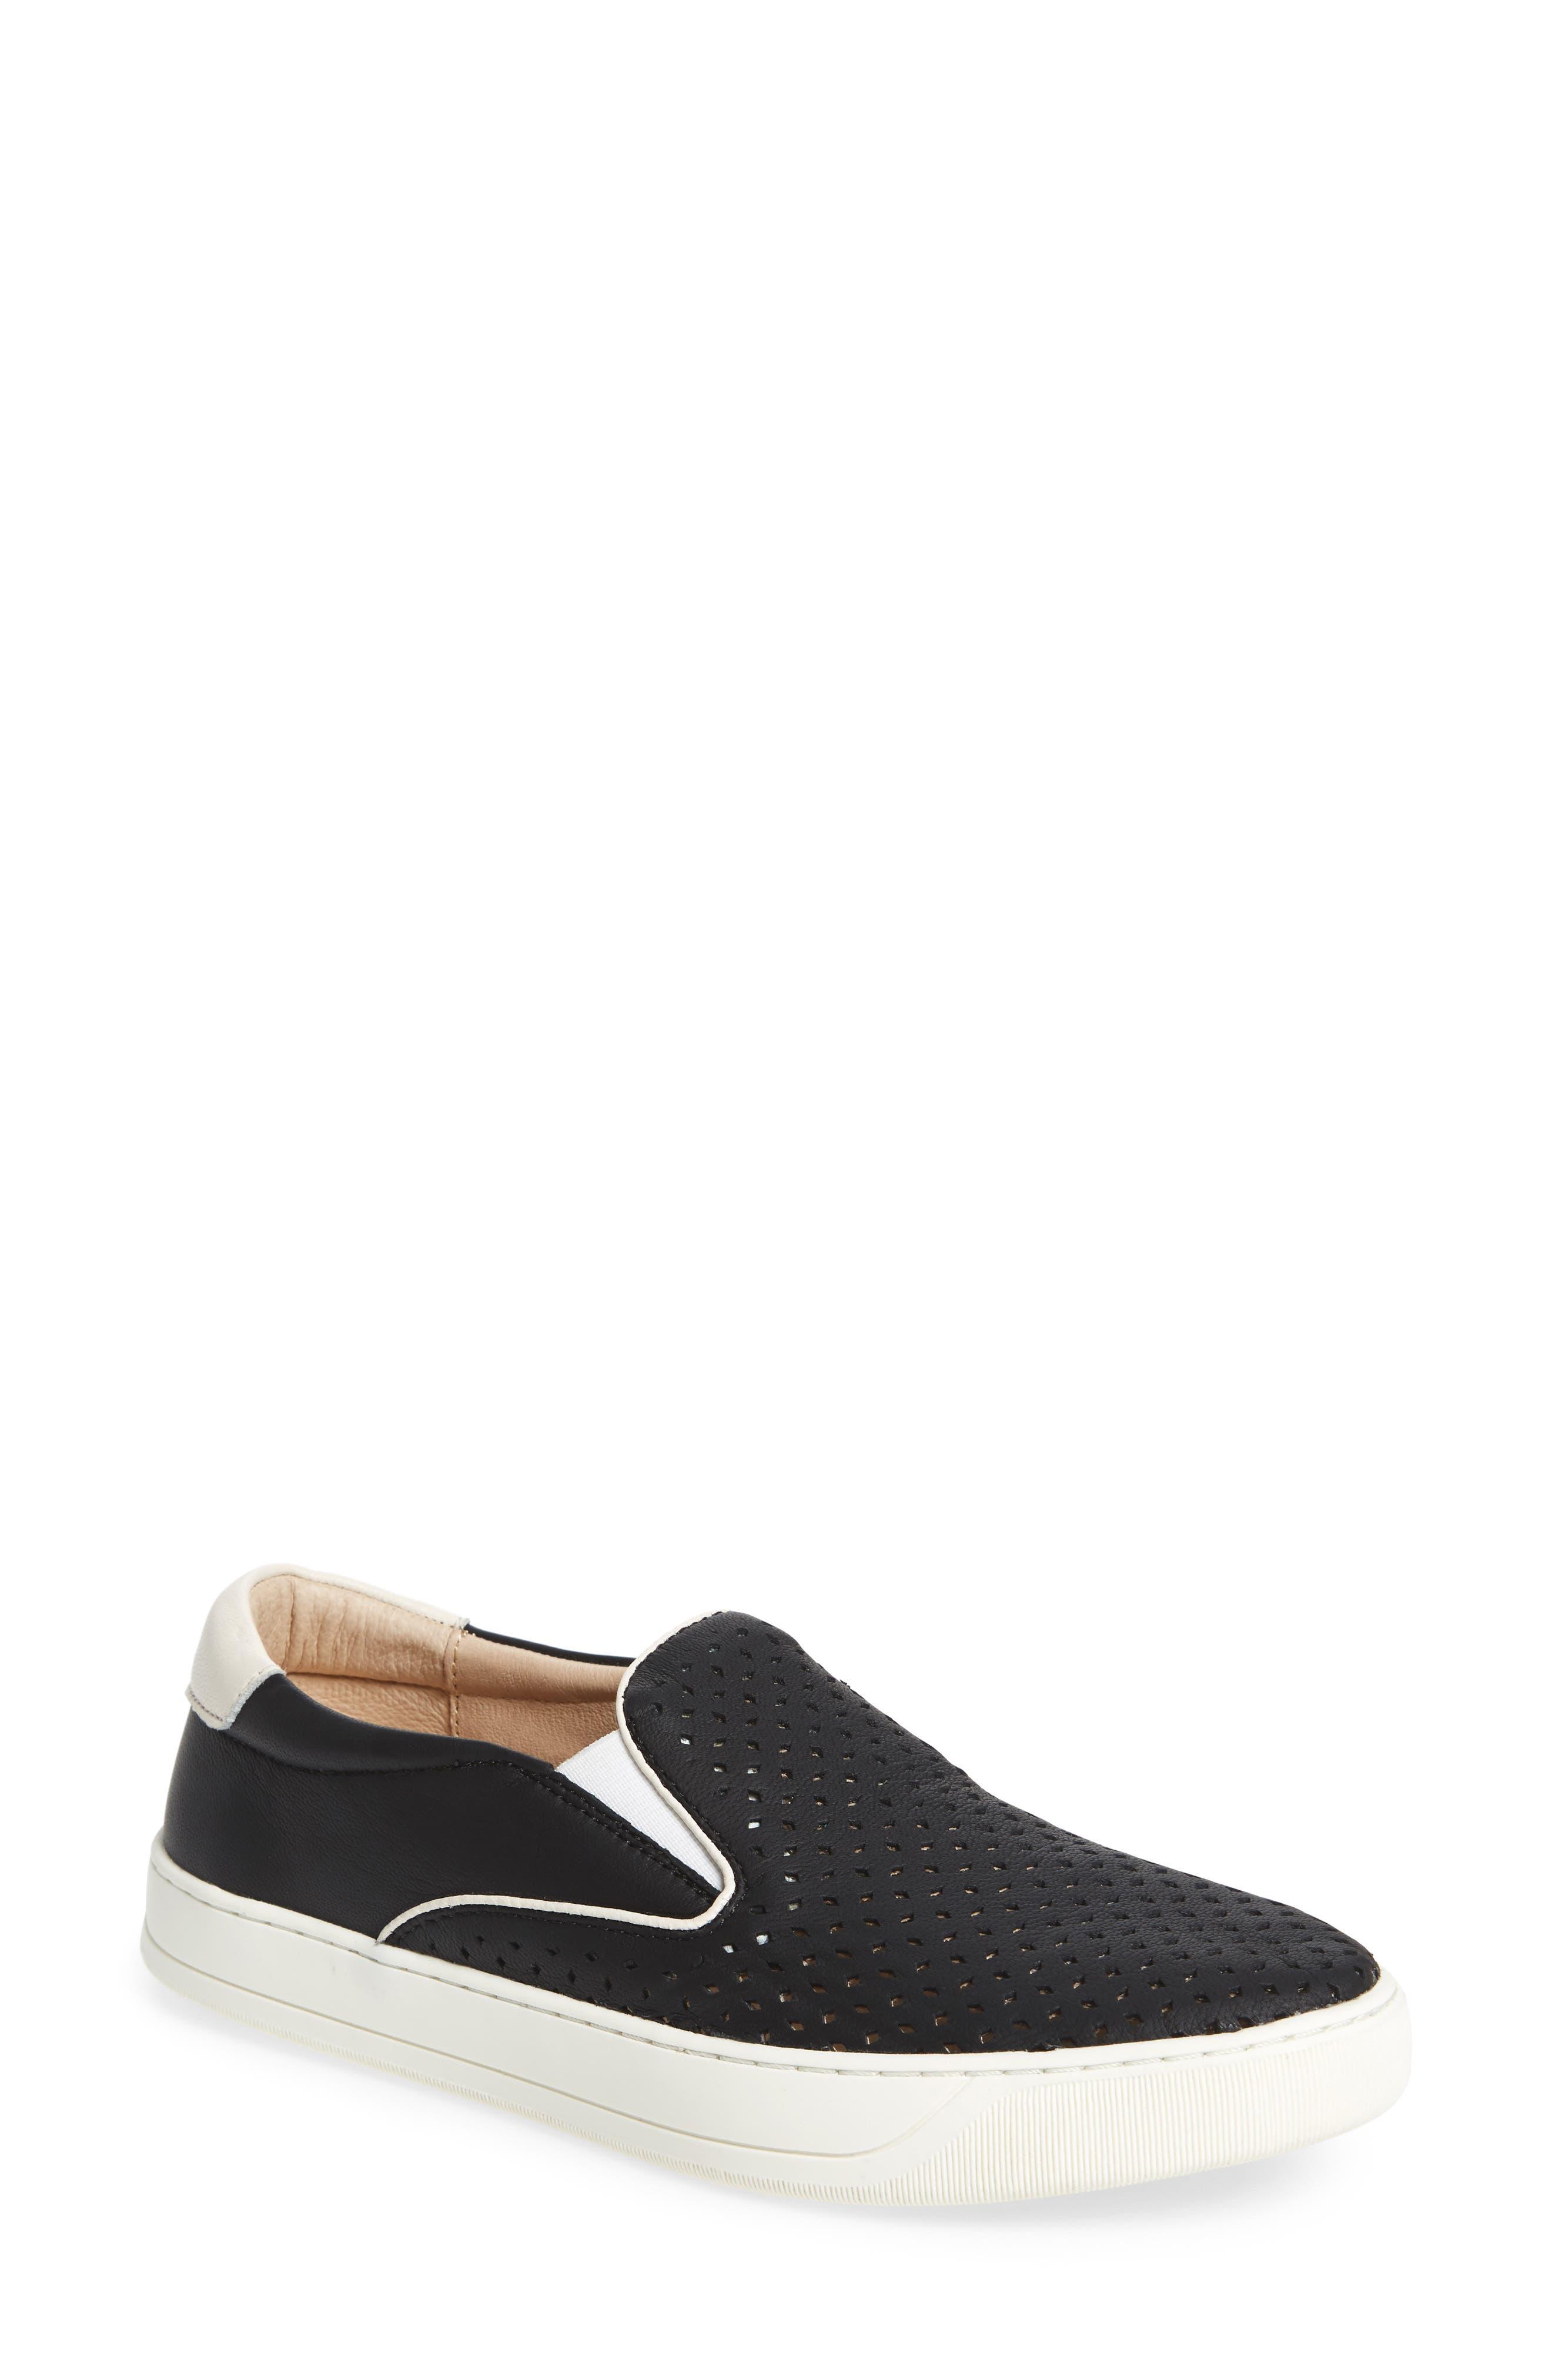 Johnston & Murphy Elaine Slip-On Sneaker, Black